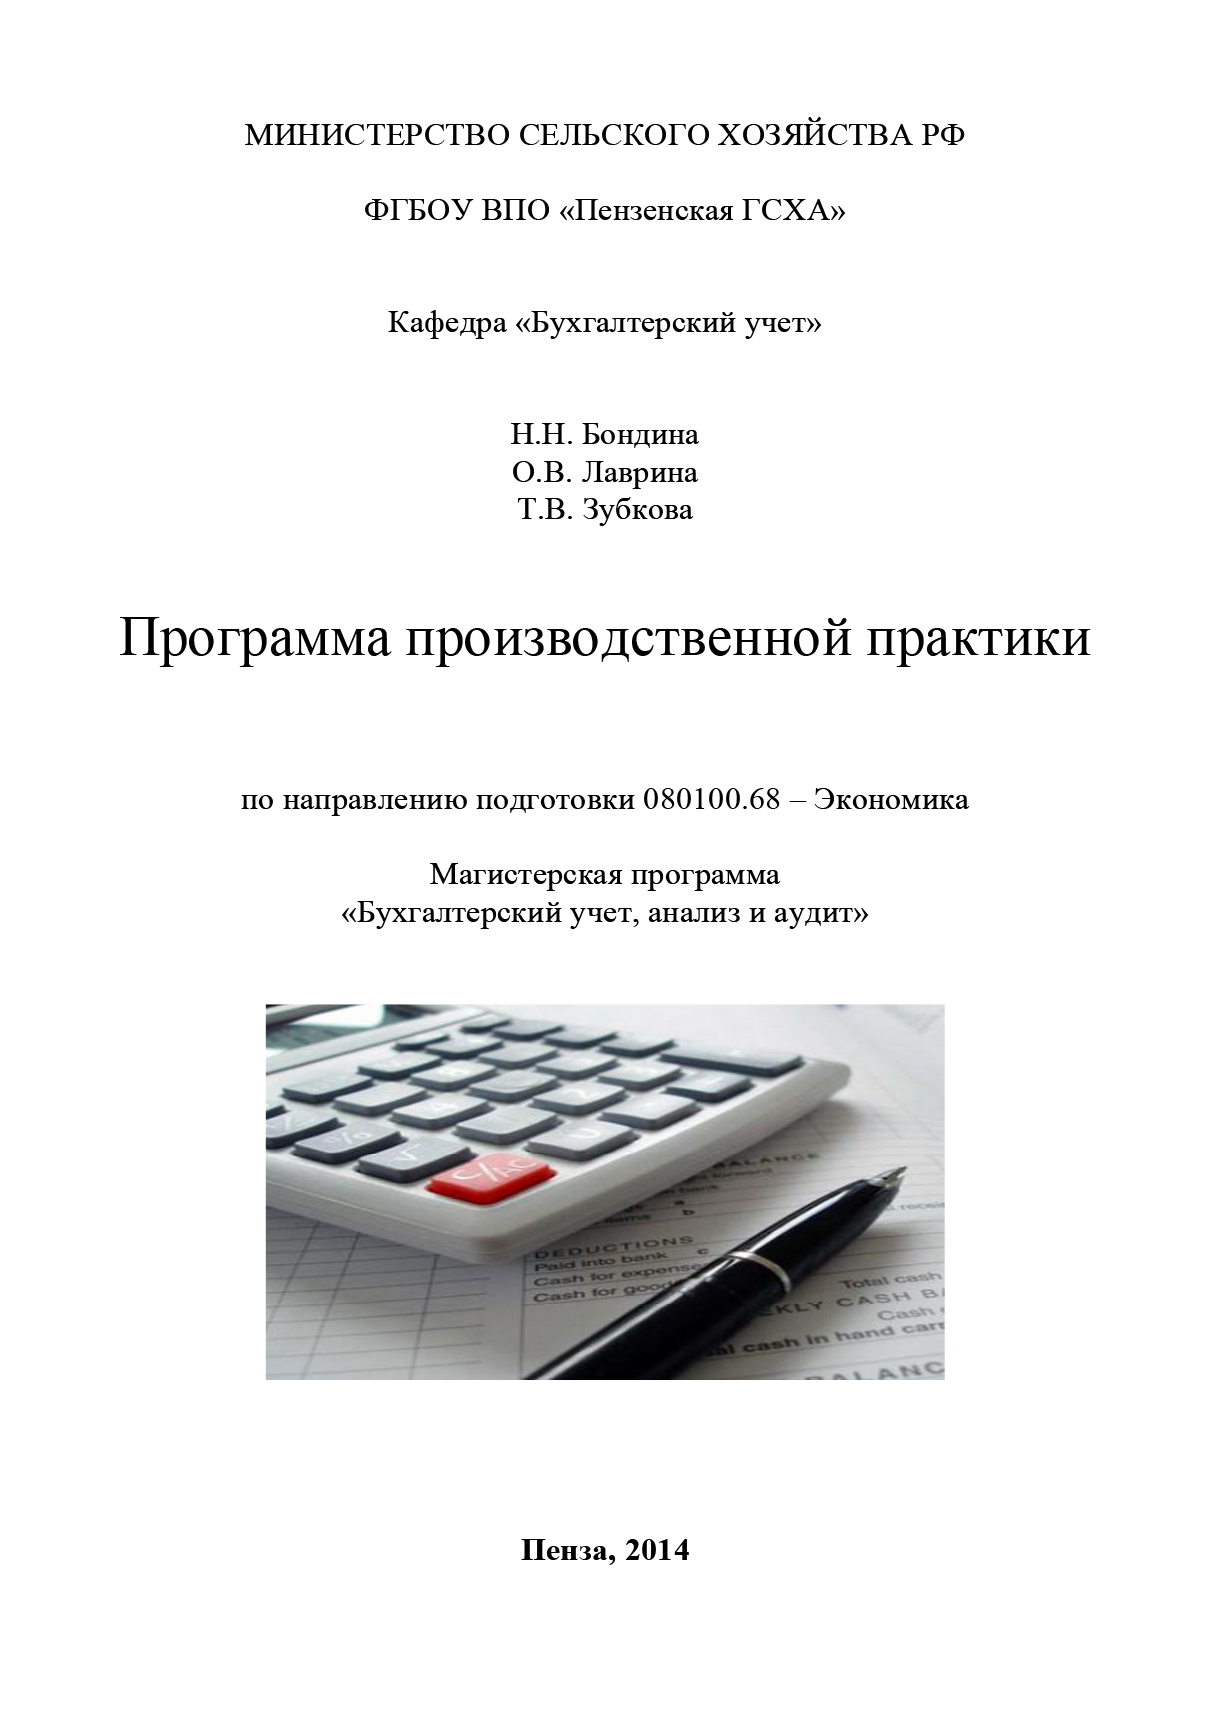 Н. Н. Бондина Программа производственной практики бабаев ю ред бухгалтерский учет анализ и аудит внешнеэконом деятельности